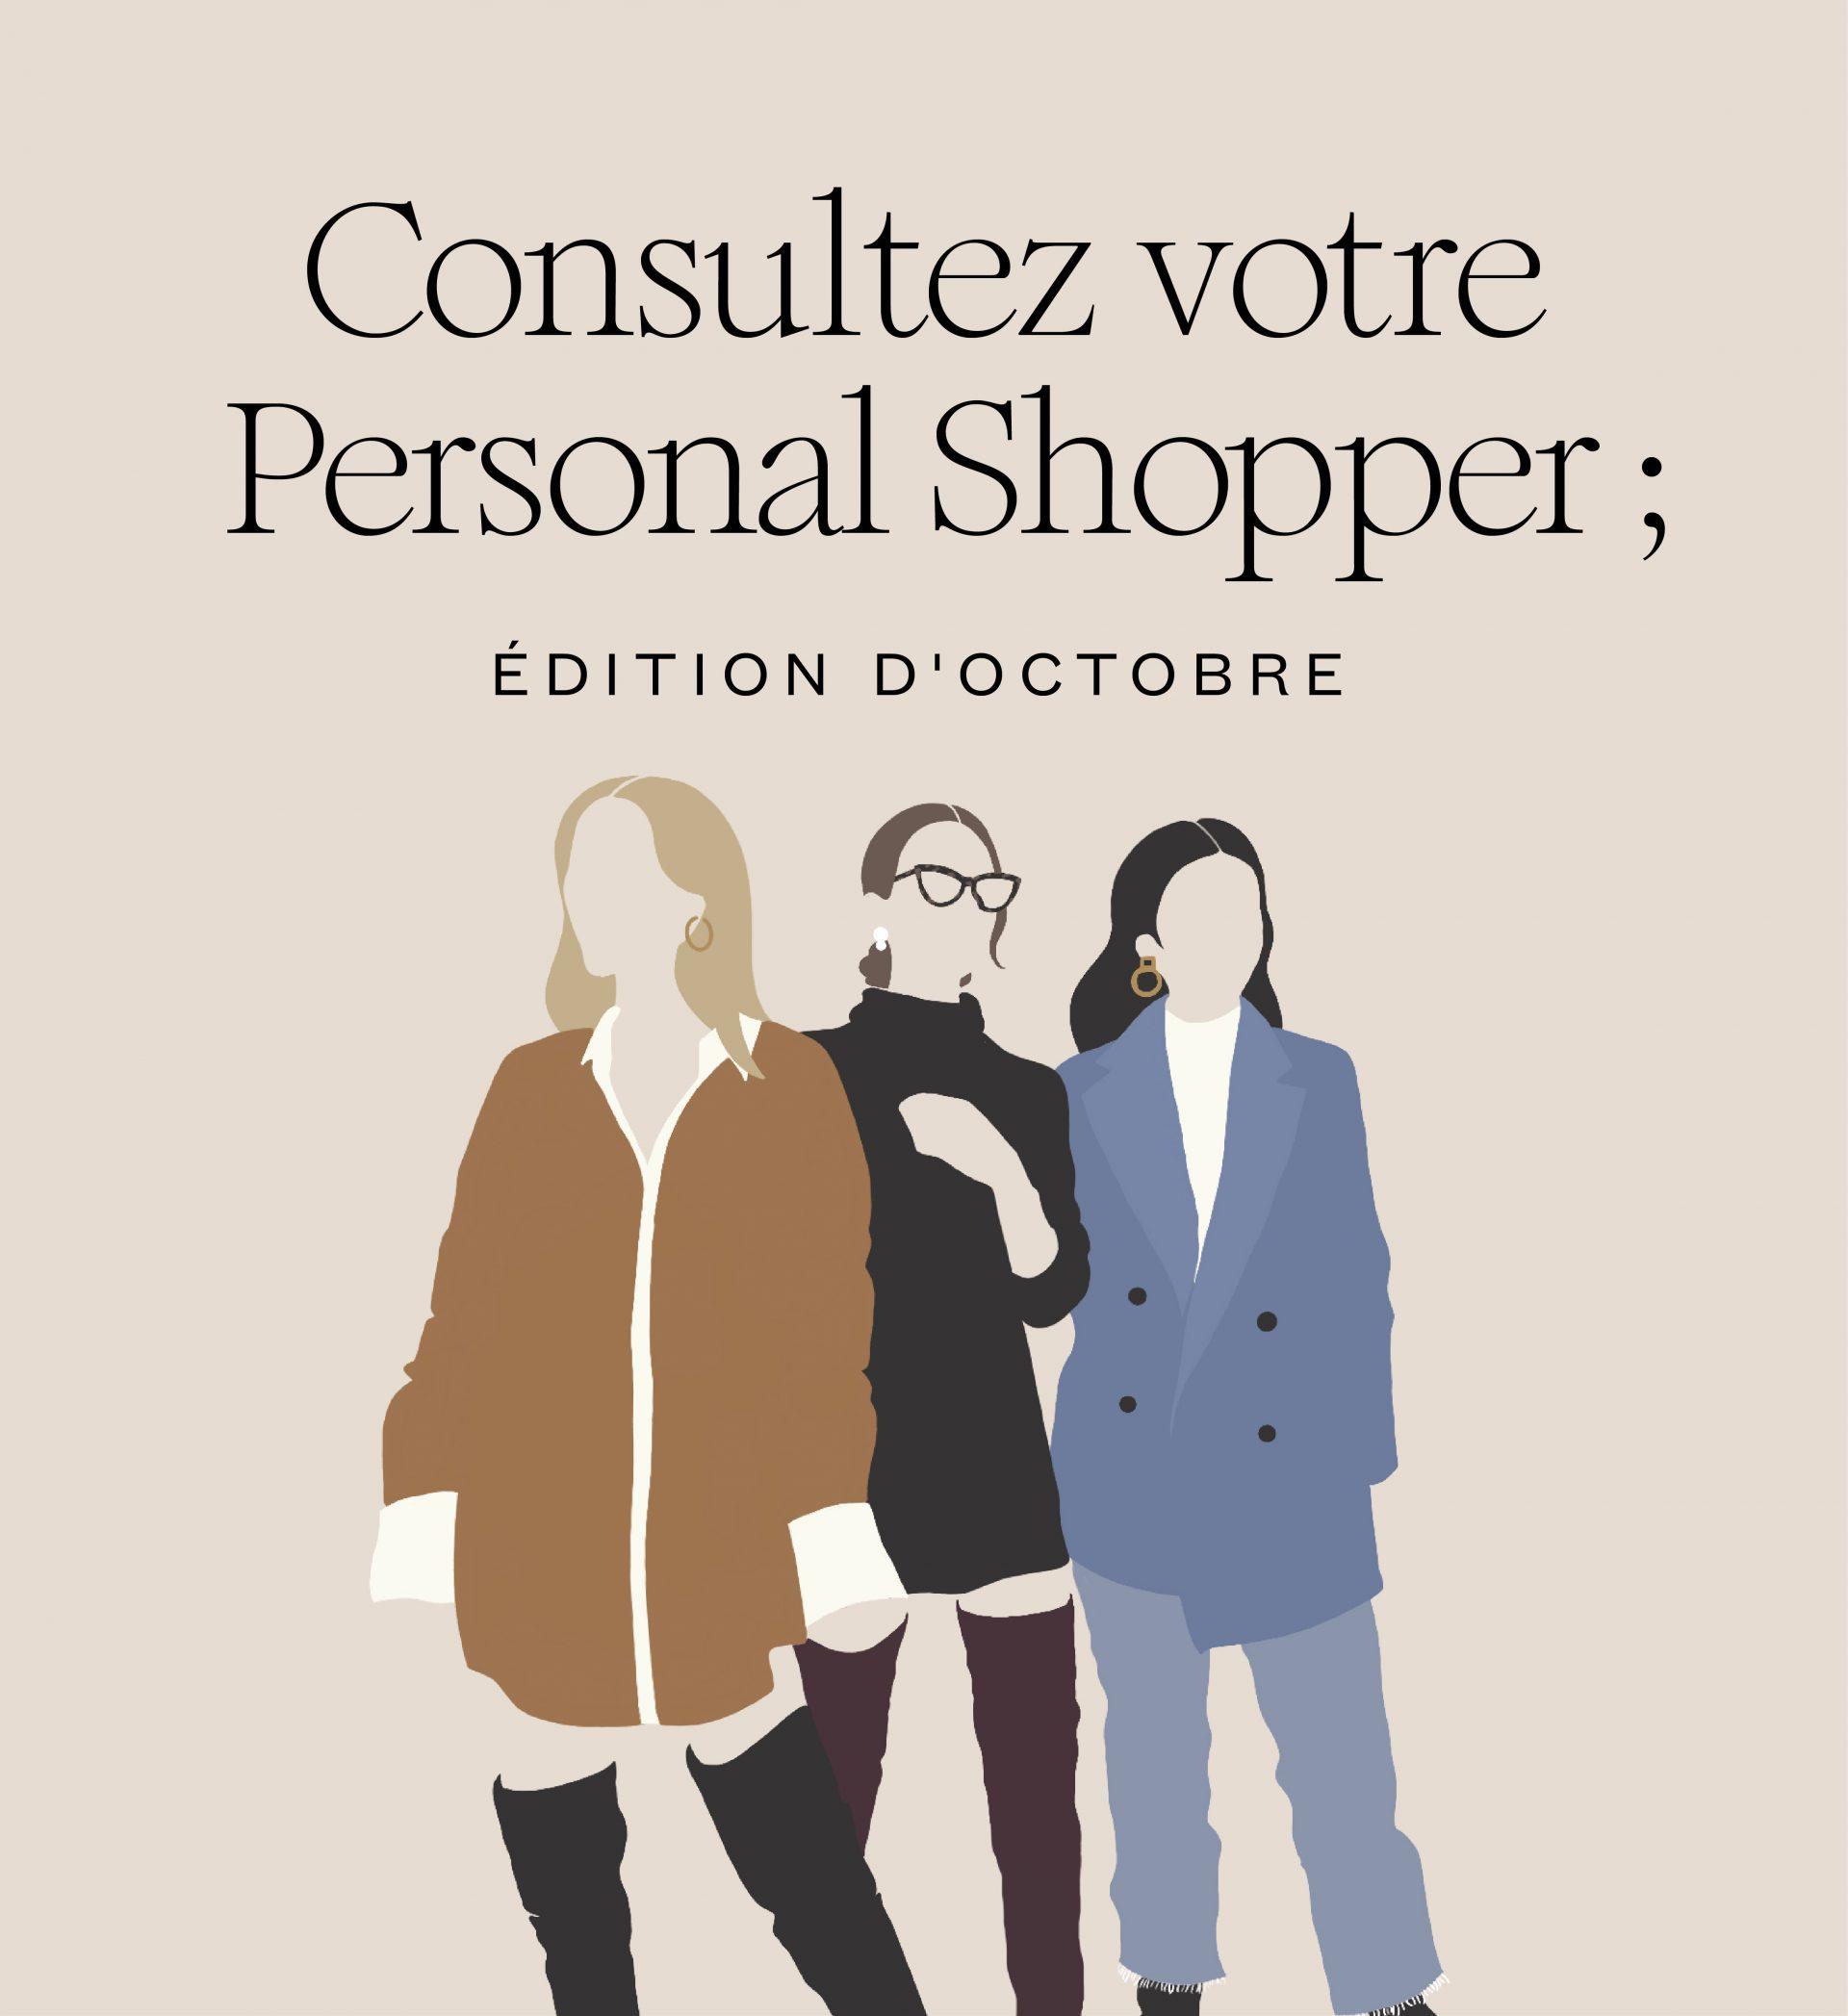 consultez votre personal shopper